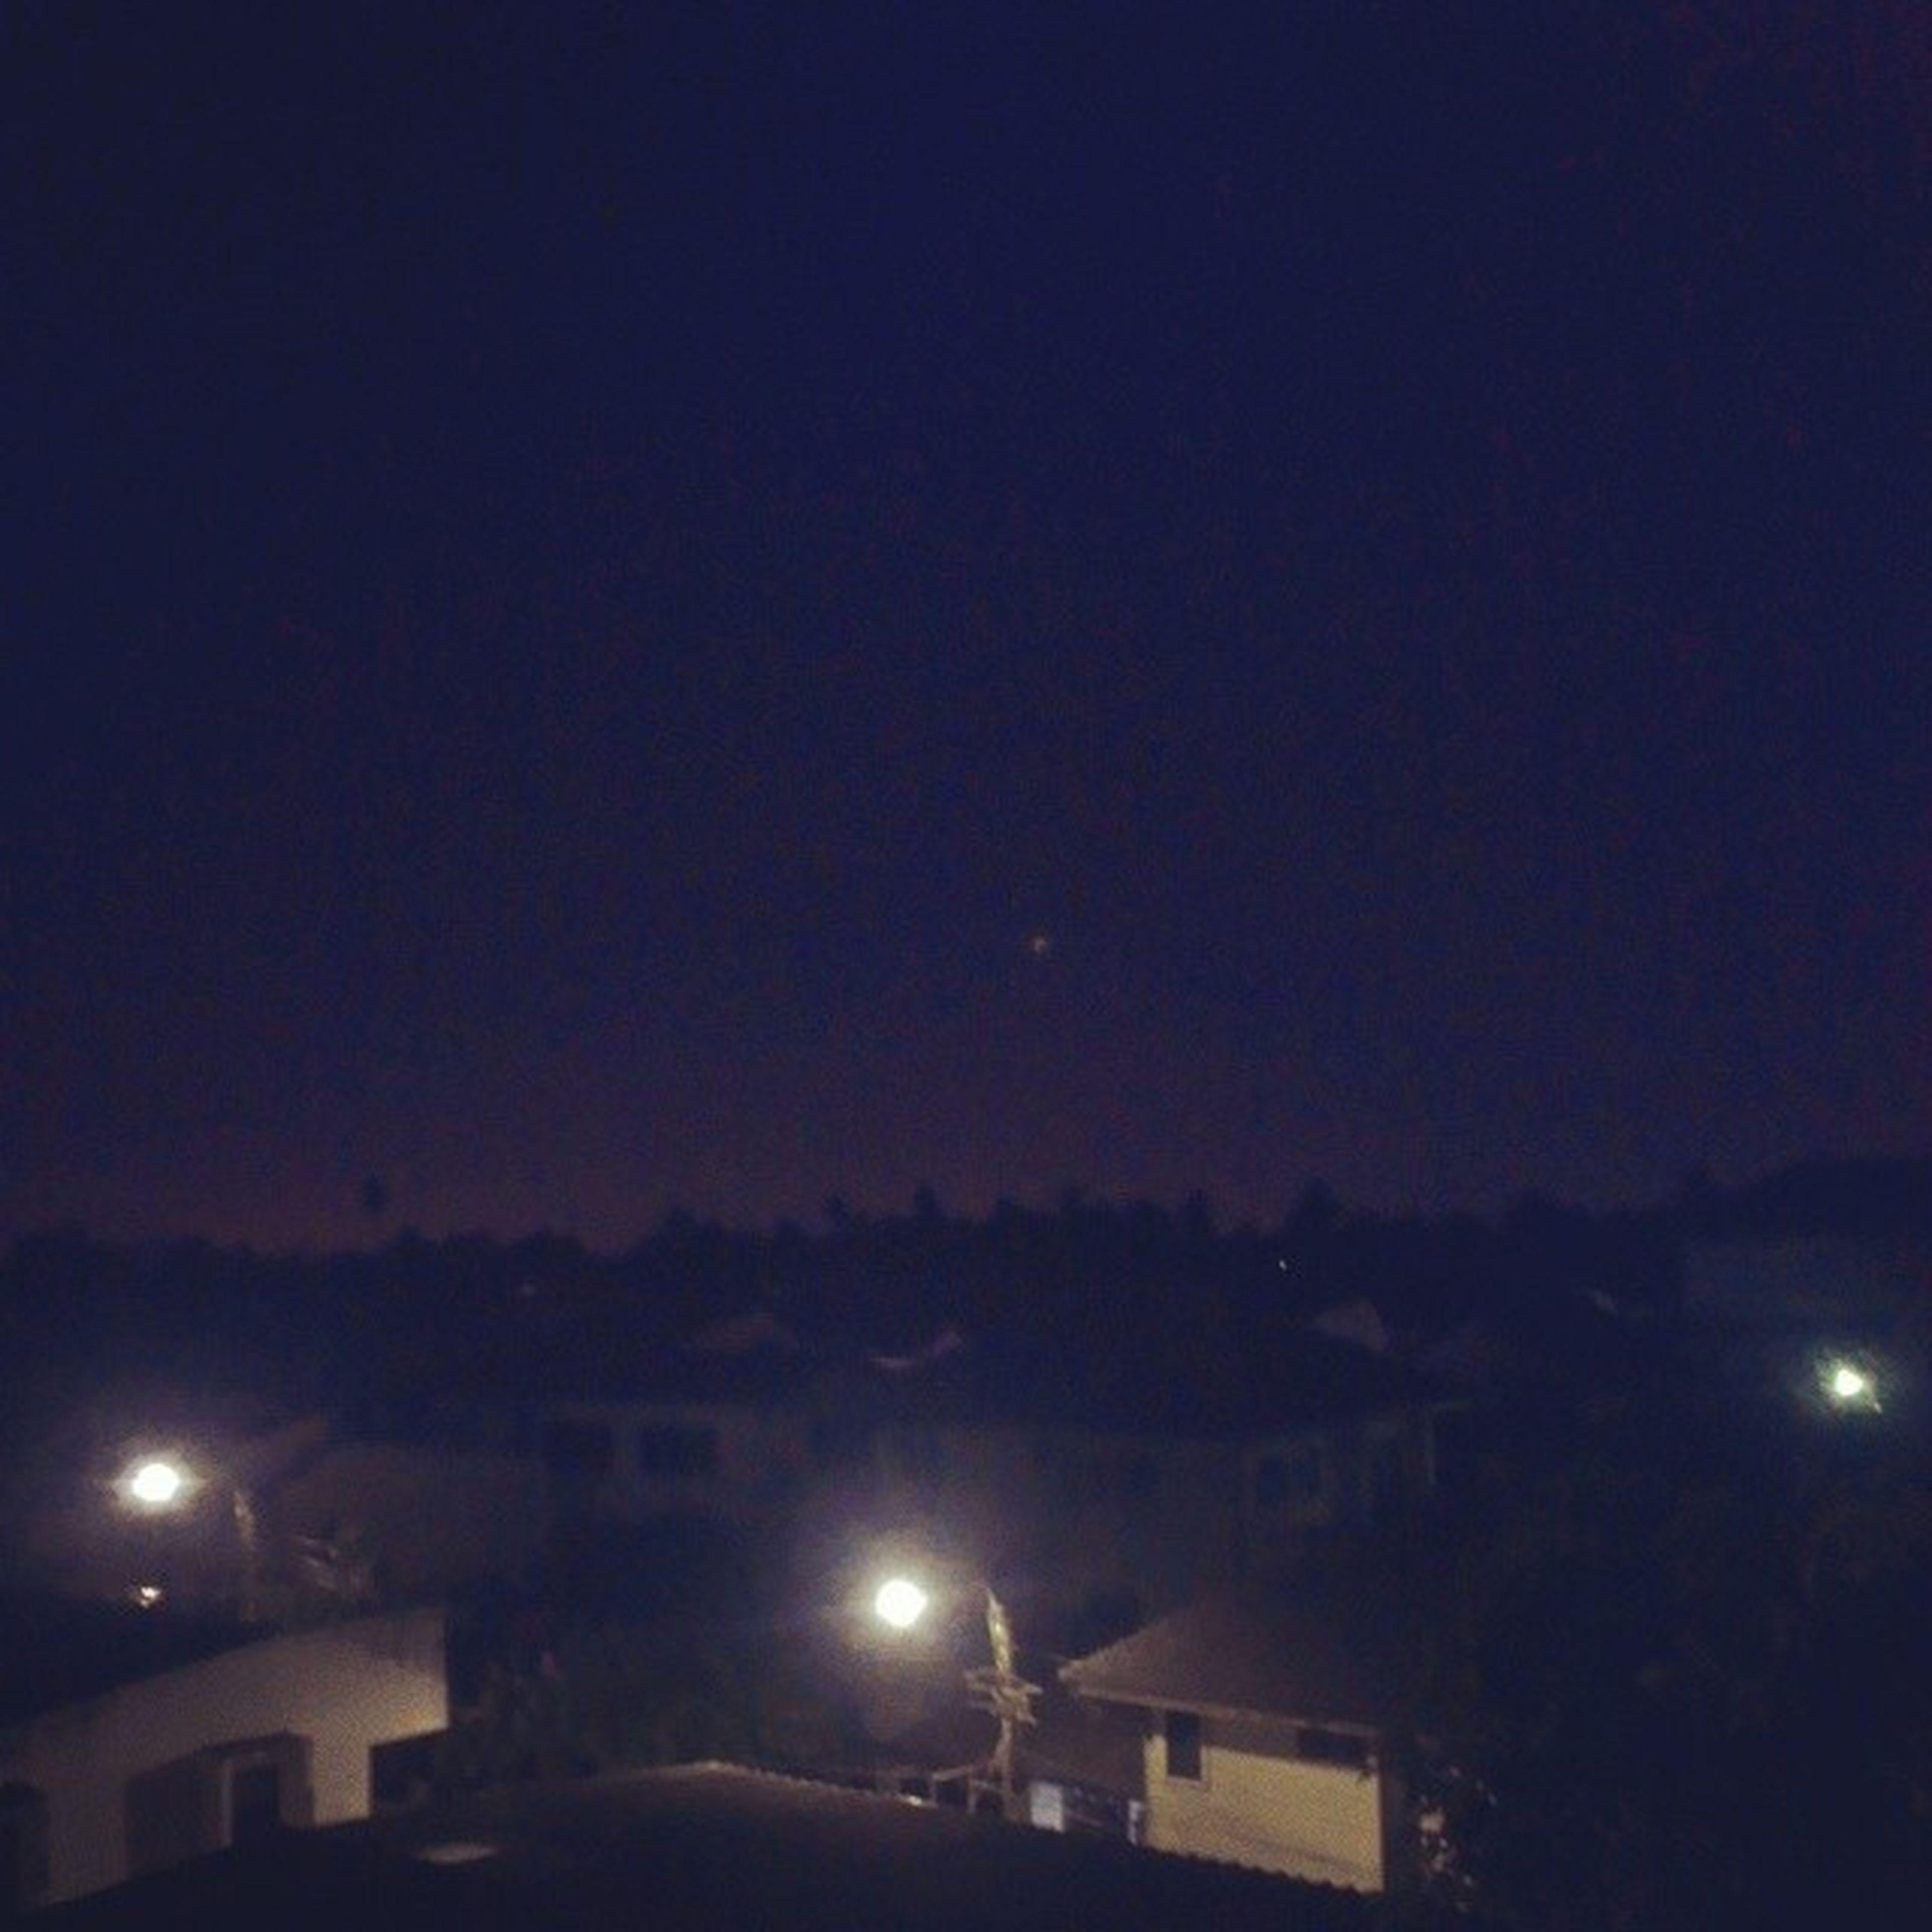 02.18 น.ชีวิตยังคิดบางสิ่ง ดวงไฟน้อย